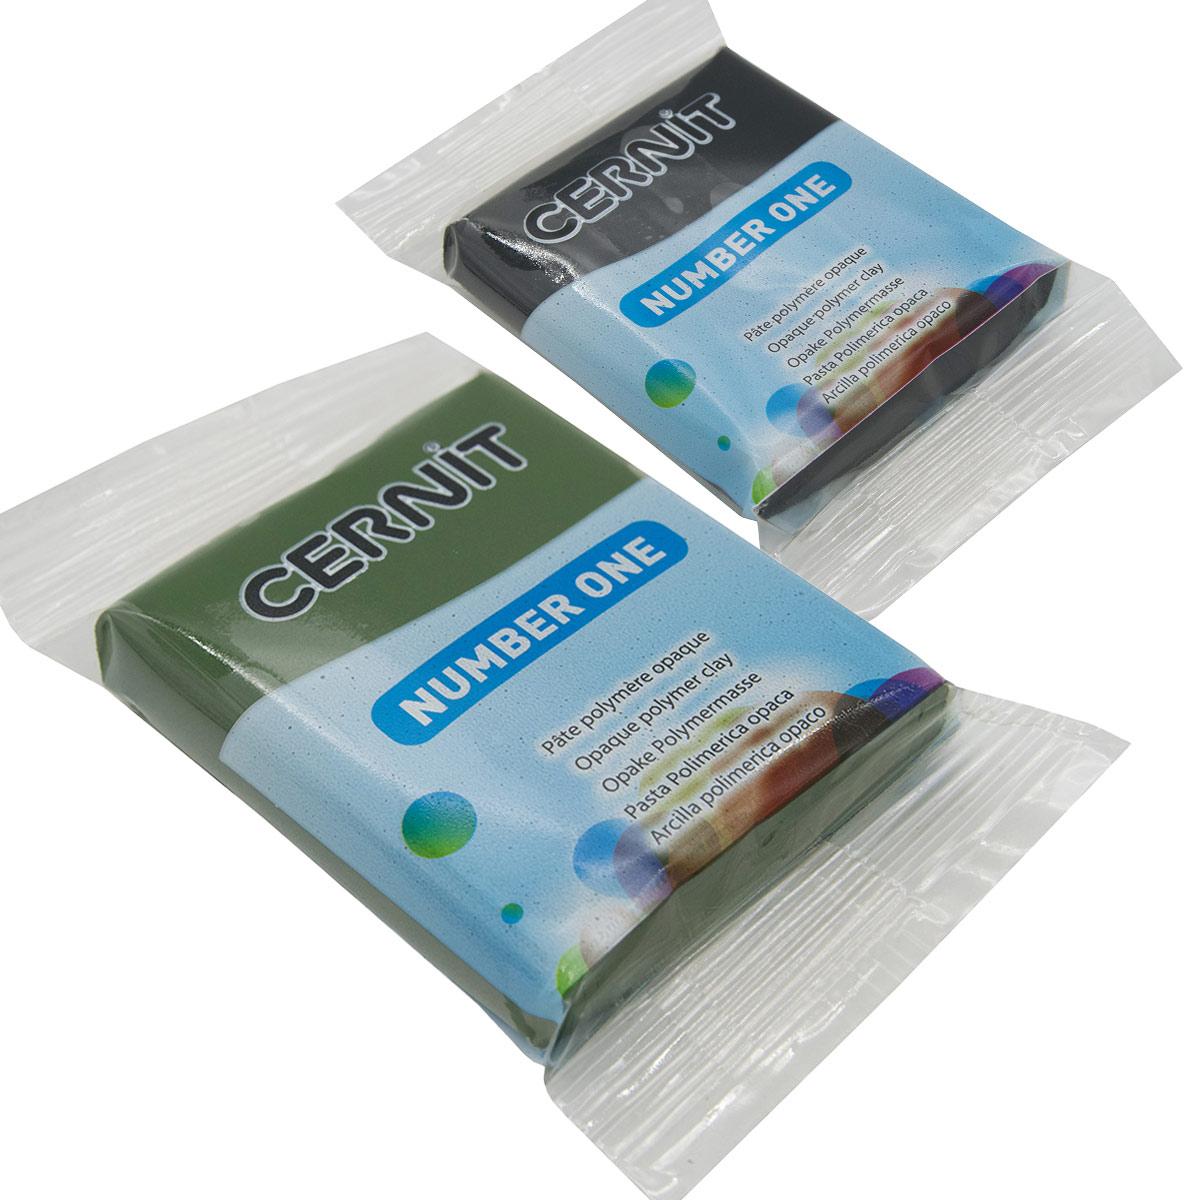 Набор пластики полимерной запекаемой 'Cernit № 1' 56-62 гр. 2 шт, 100 черный/645 оливковый